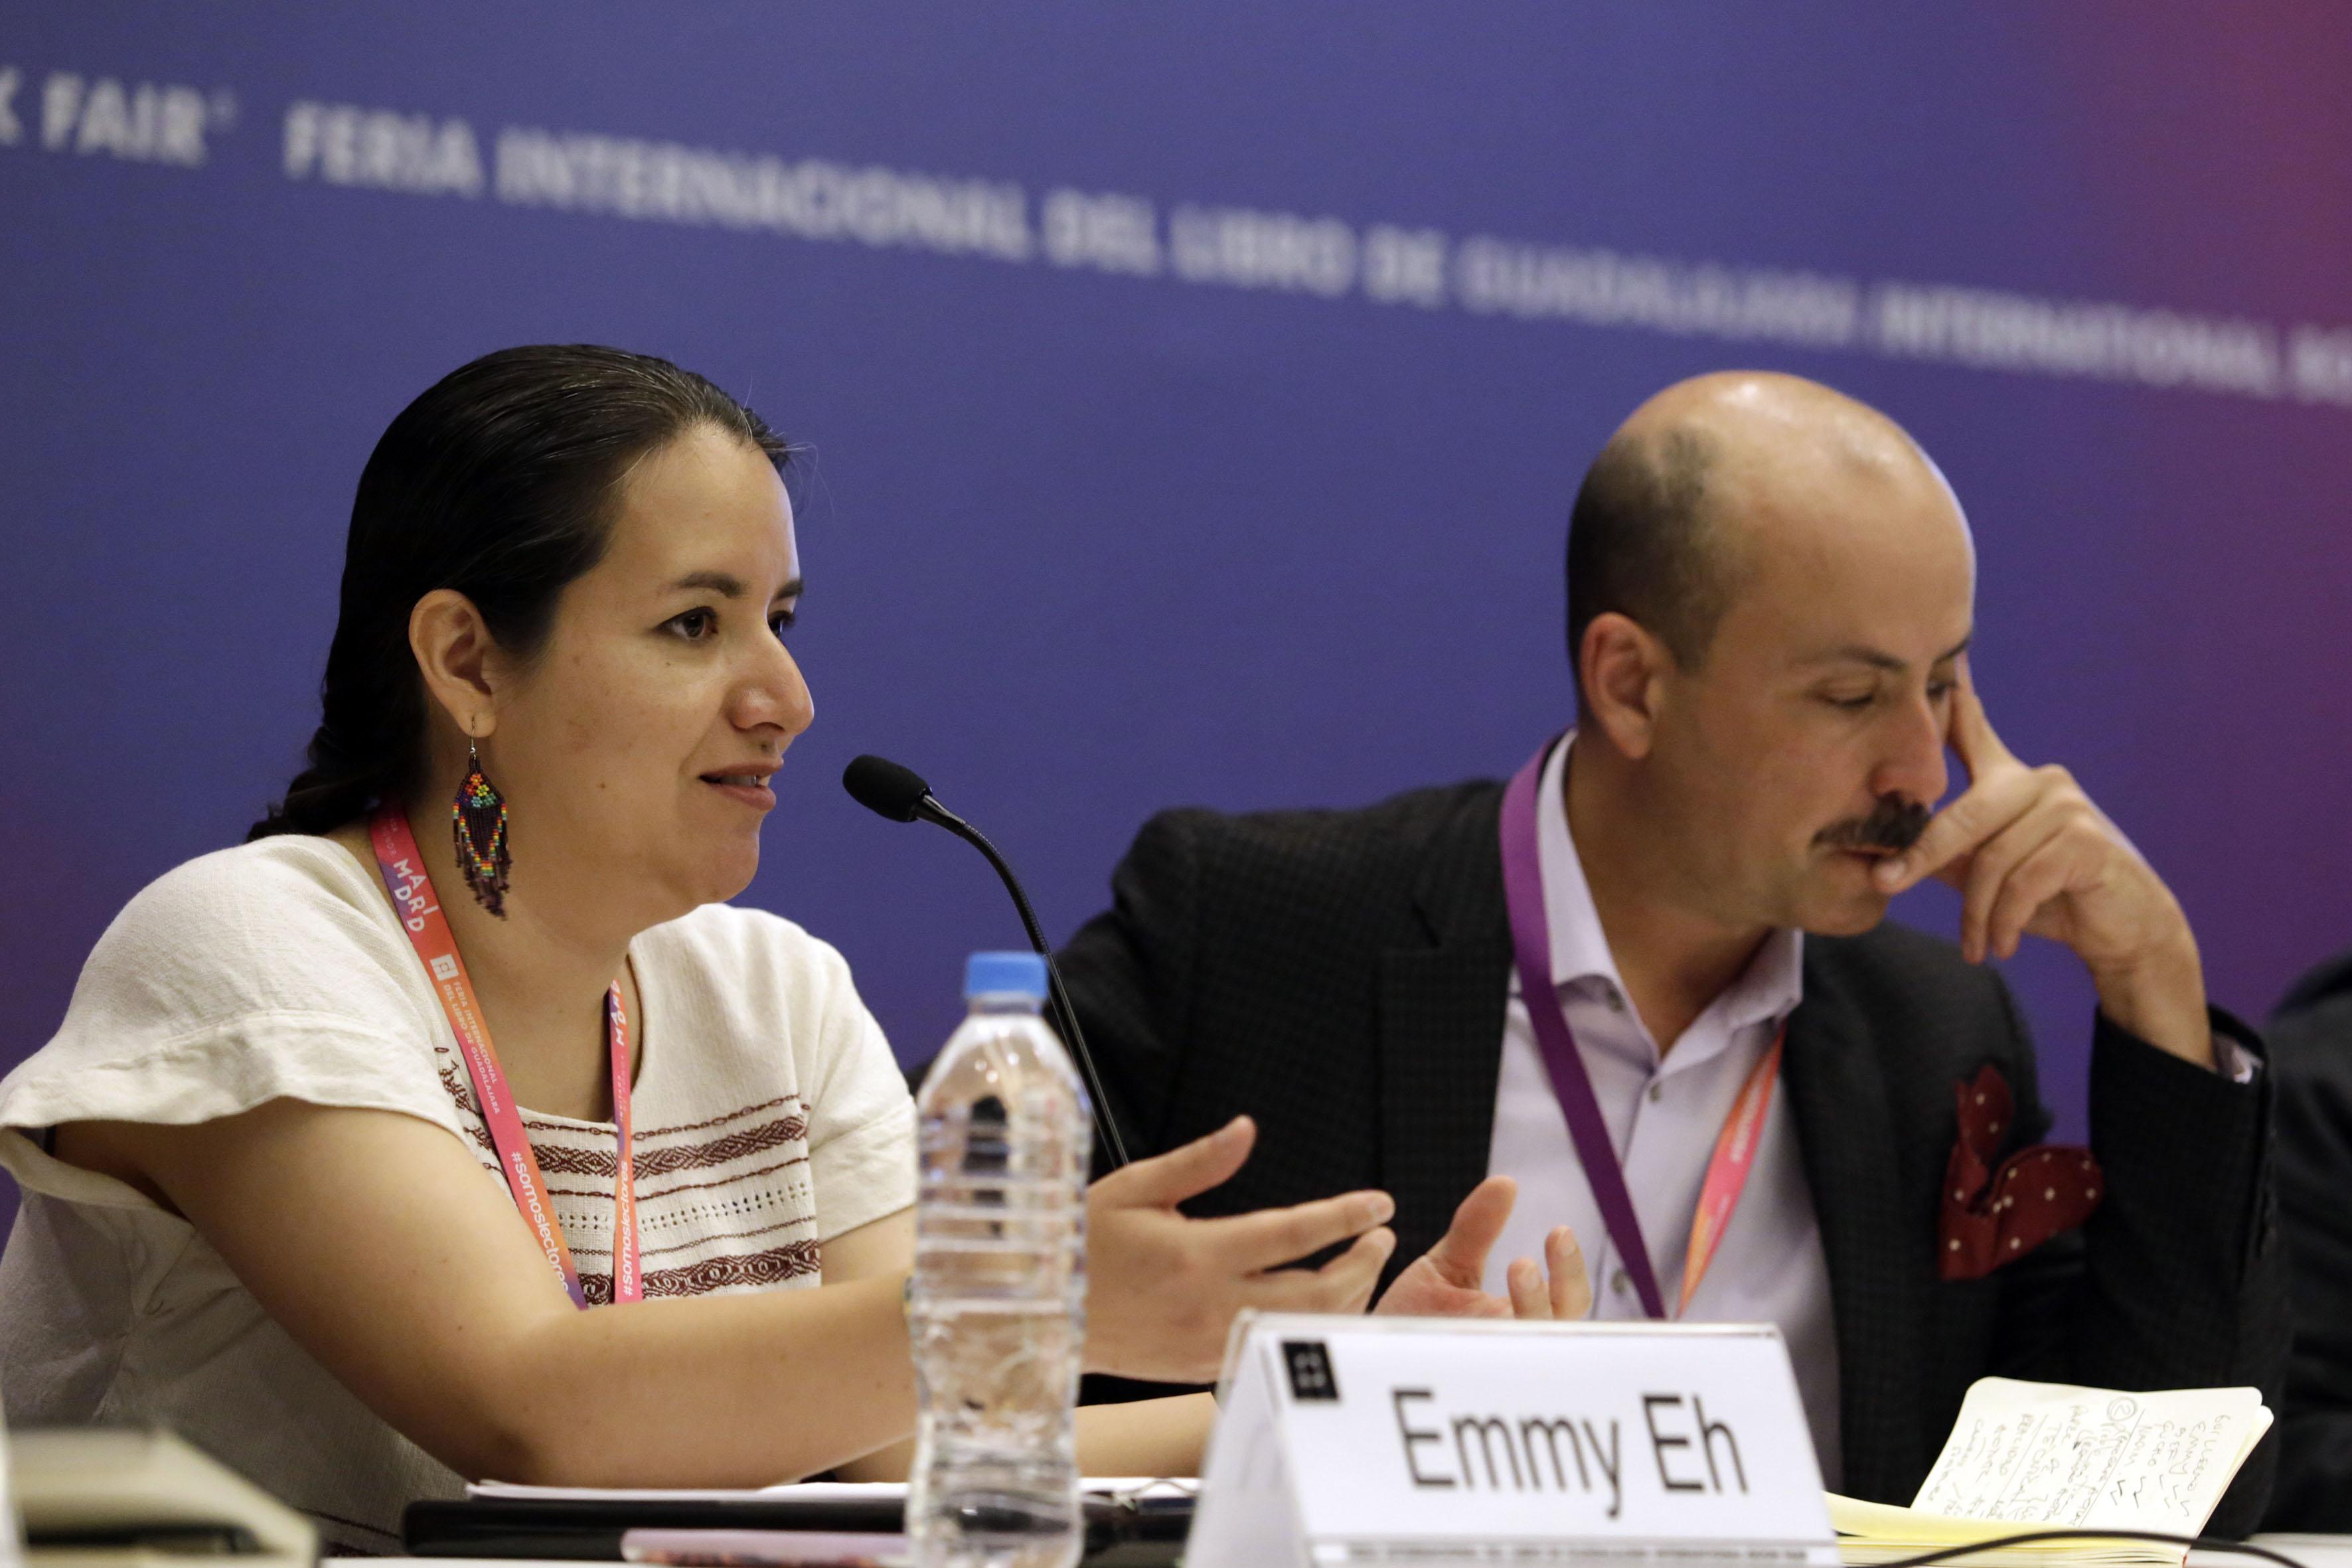 Caricaturista mexicana, Emmy Eh, frente al micrófono, haciendo uso de la voz